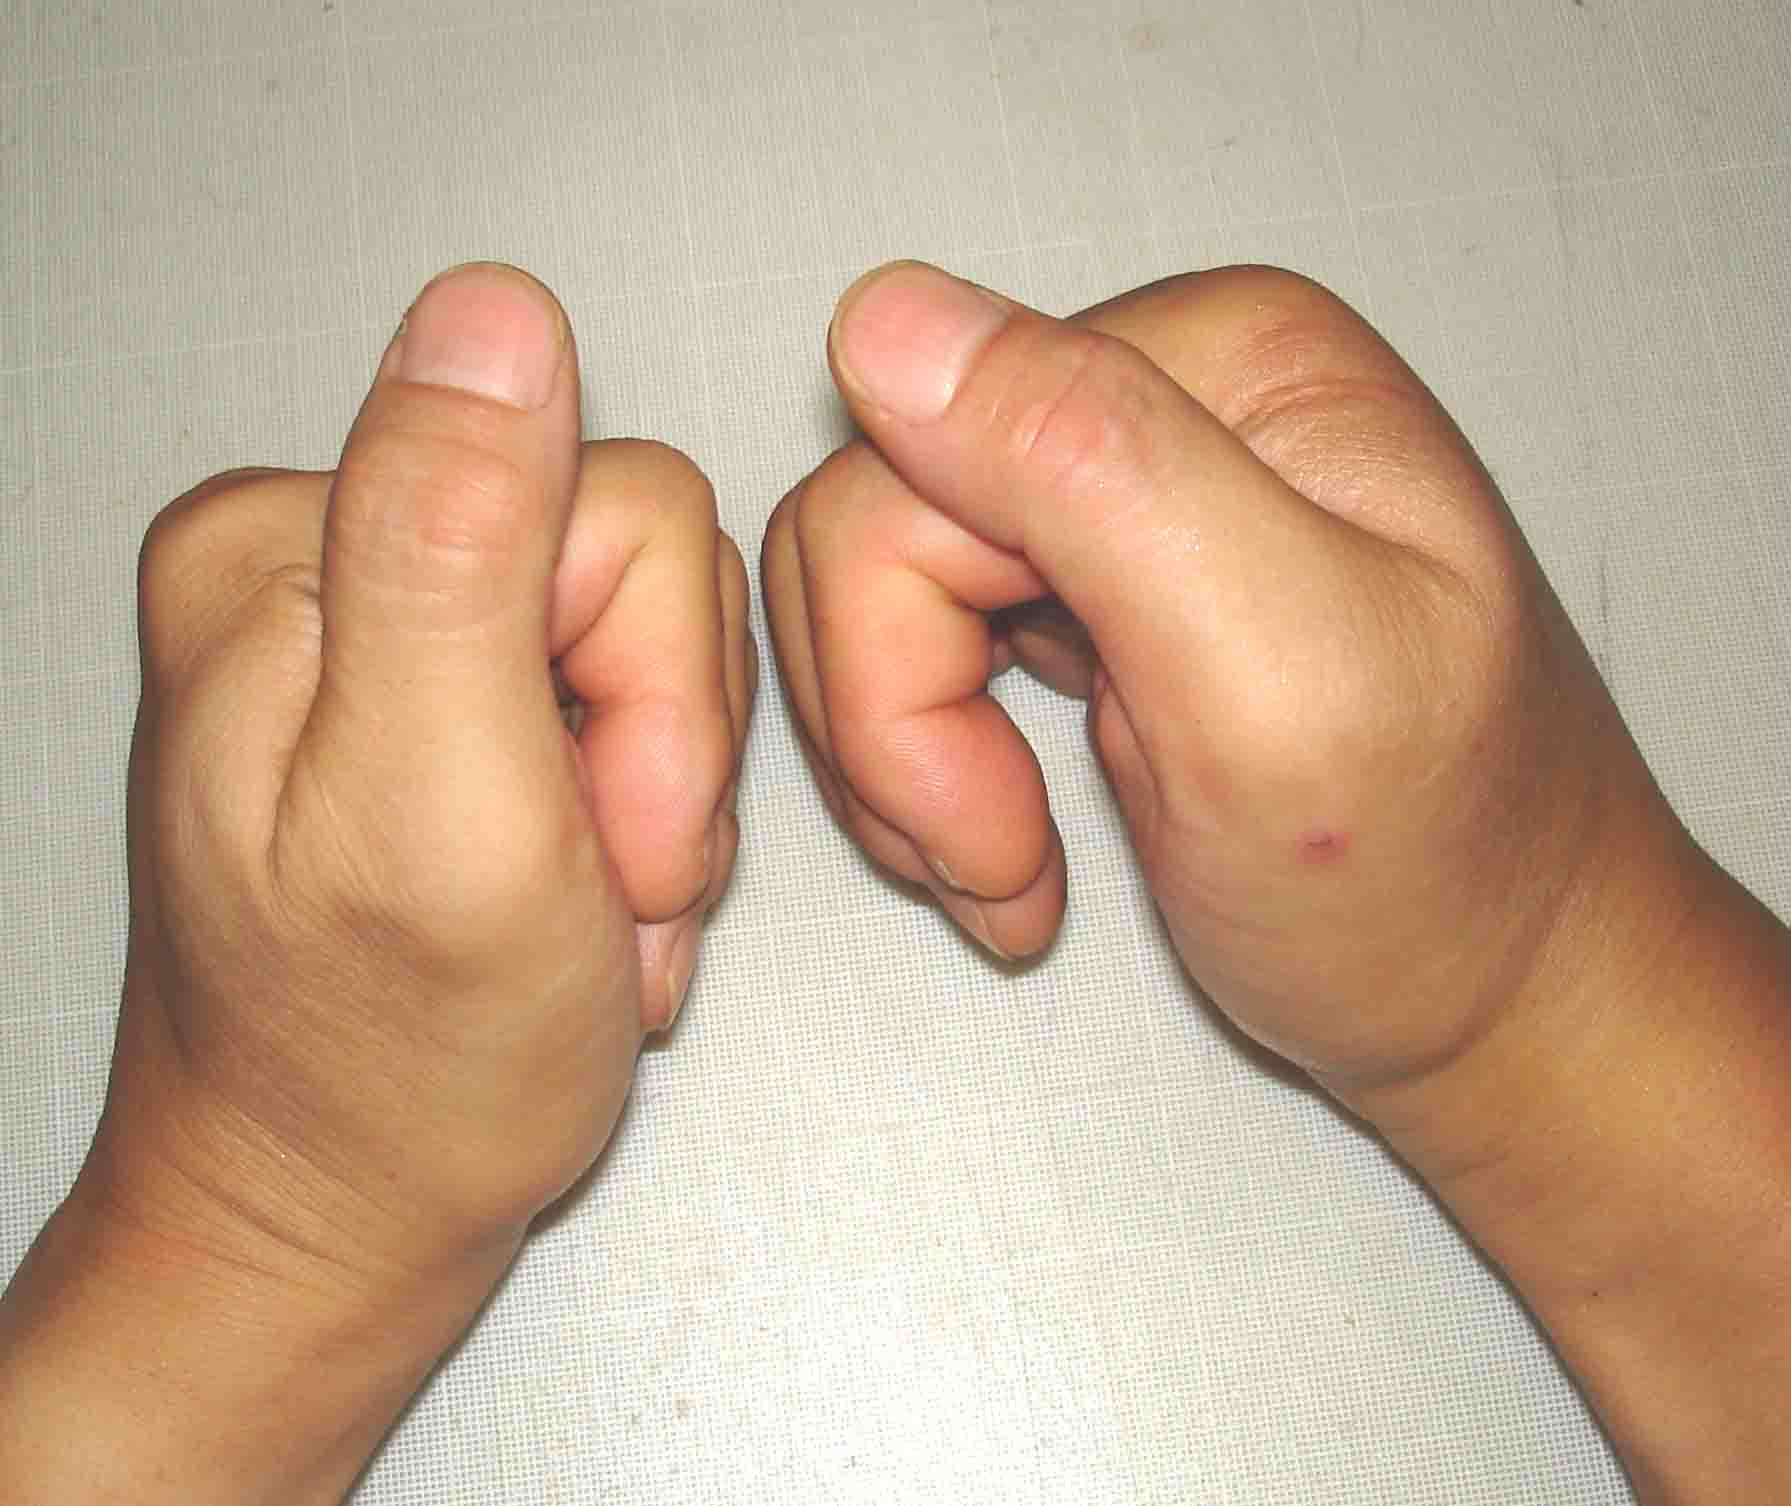 腫れて指を曲げられない状態(17日11:14)